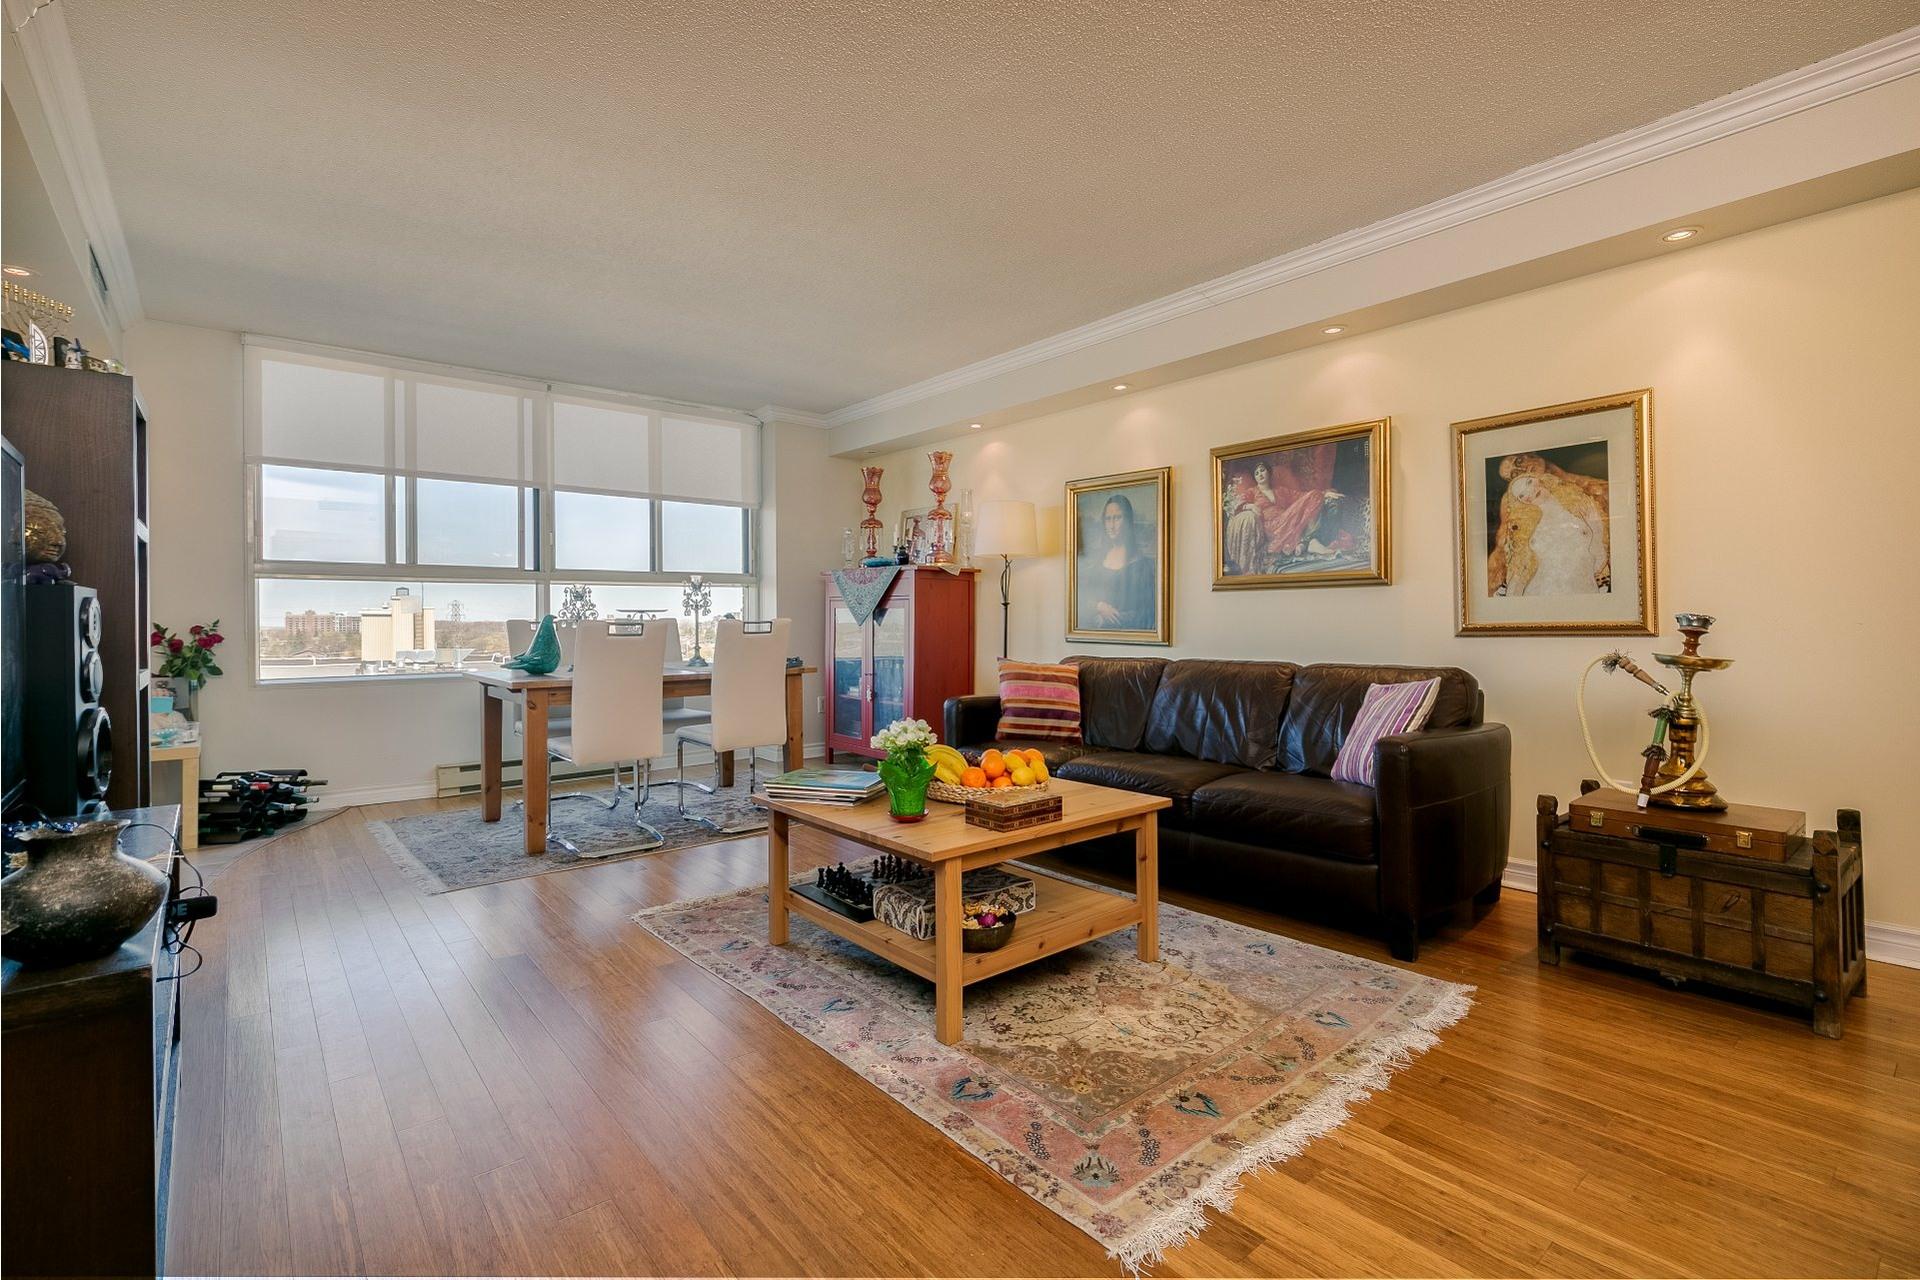 image 6 - Apartment For sale Côte-des-Neiges/Notre-Dame-de-Grâce Montréal  - 10 rooms